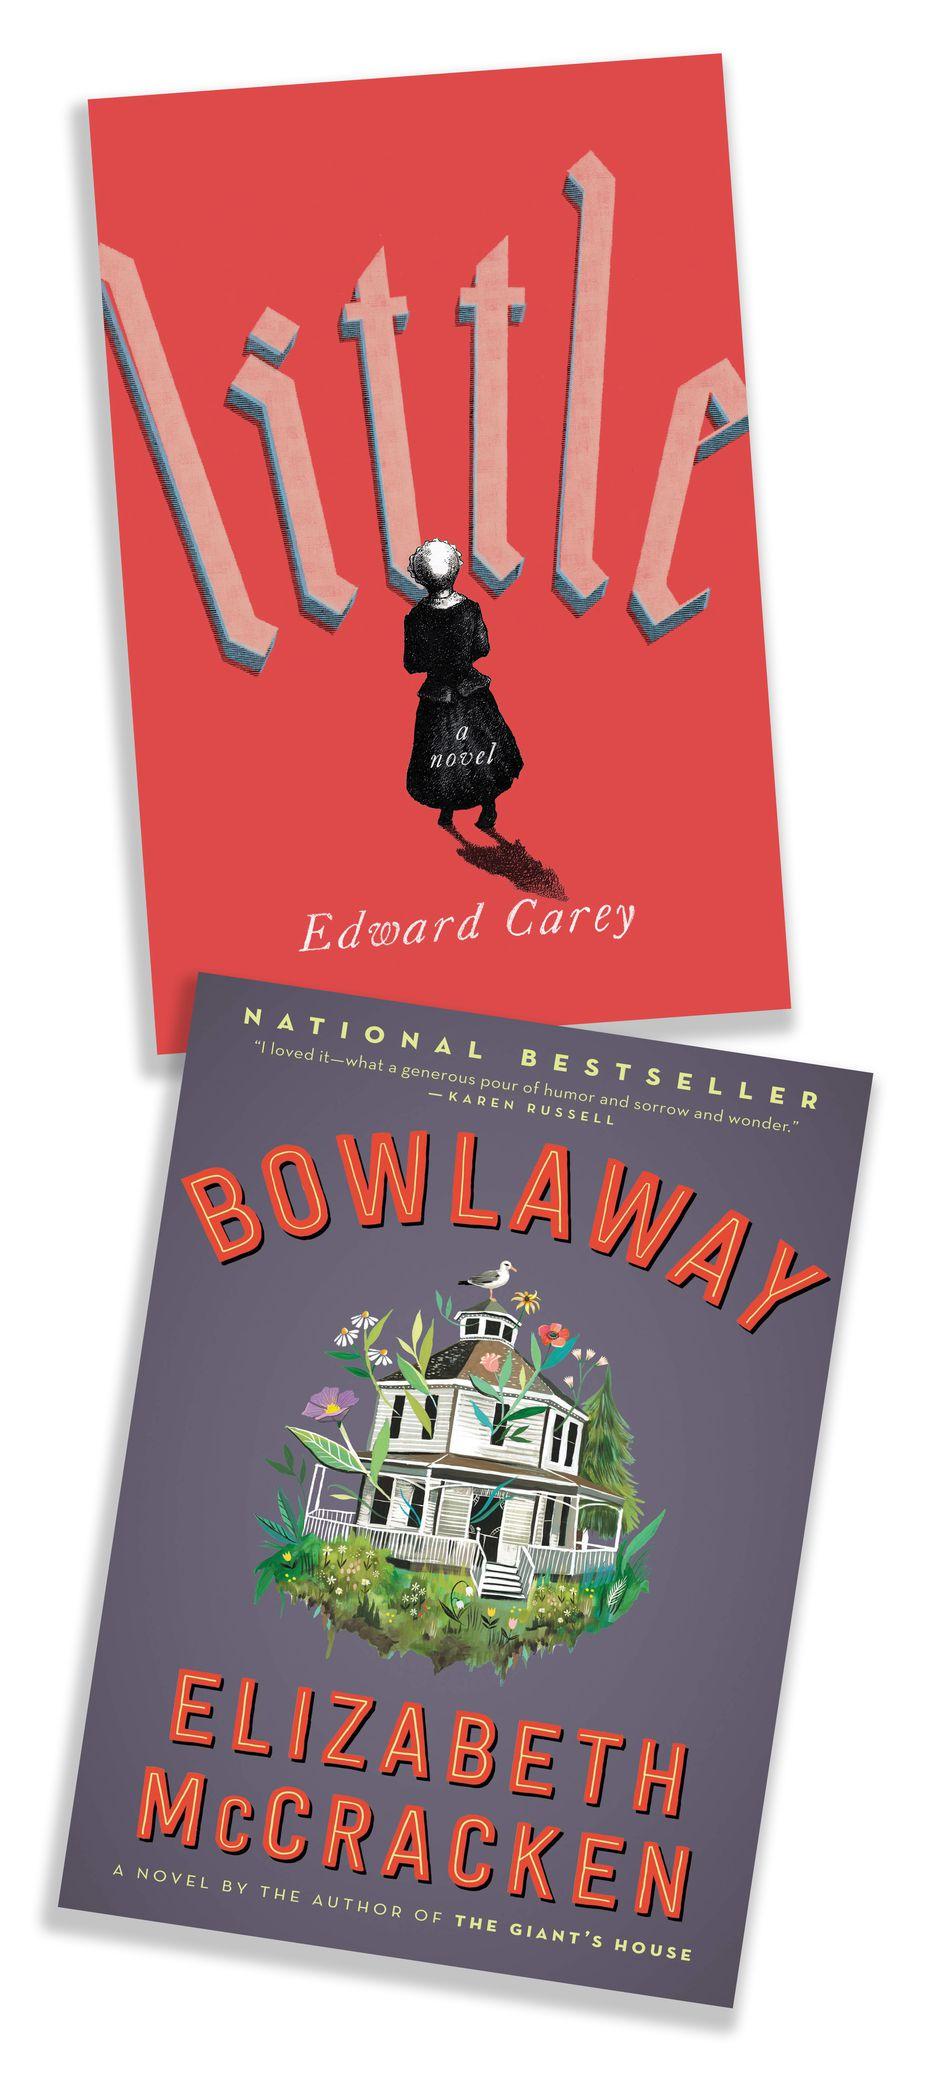 """Novels """"Little"""" by Edward Carey, and """"Bowlaway"""" by Elizabeth McCracken."""